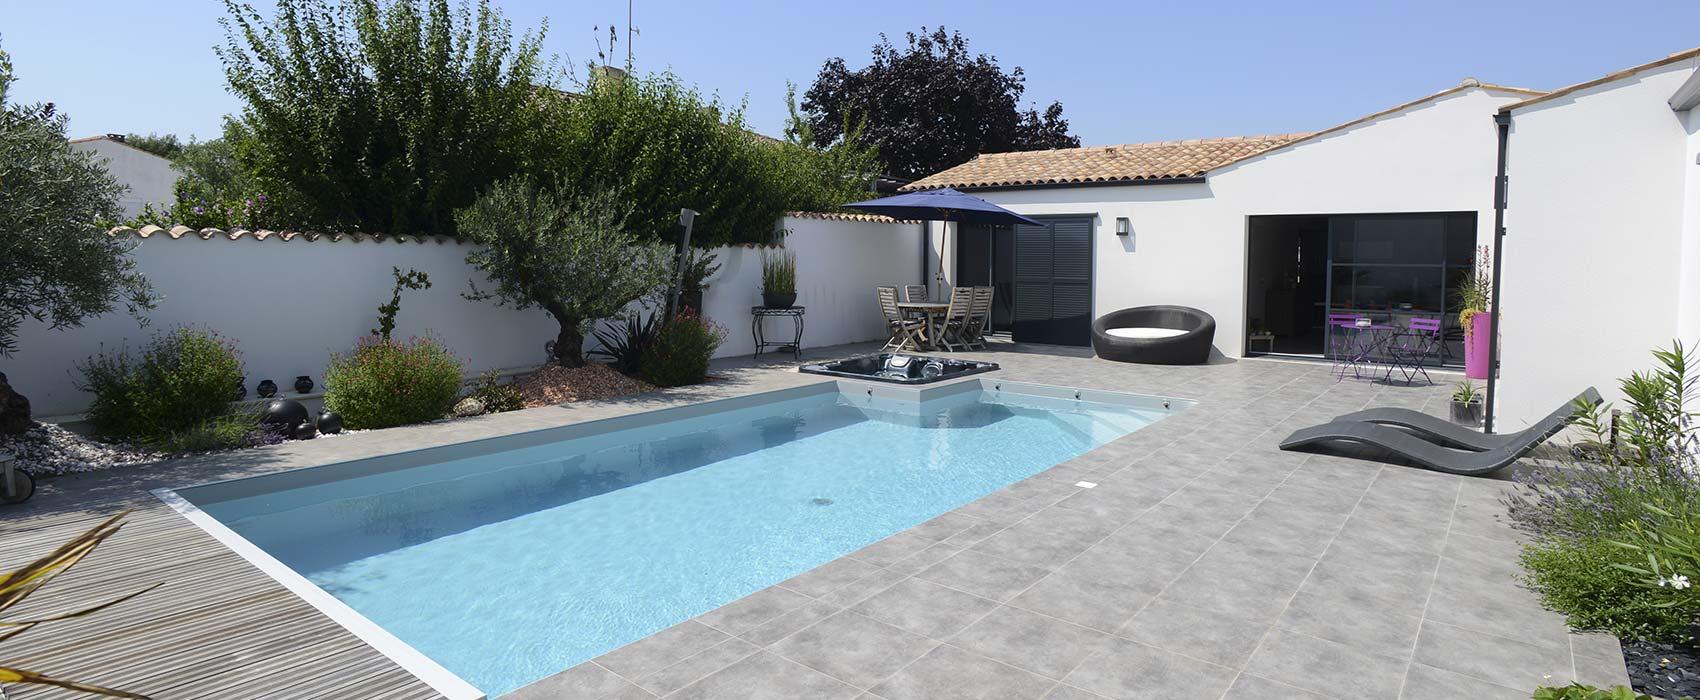 Select piscines construction r novation et entretien de for Couvrir piscine exterieure